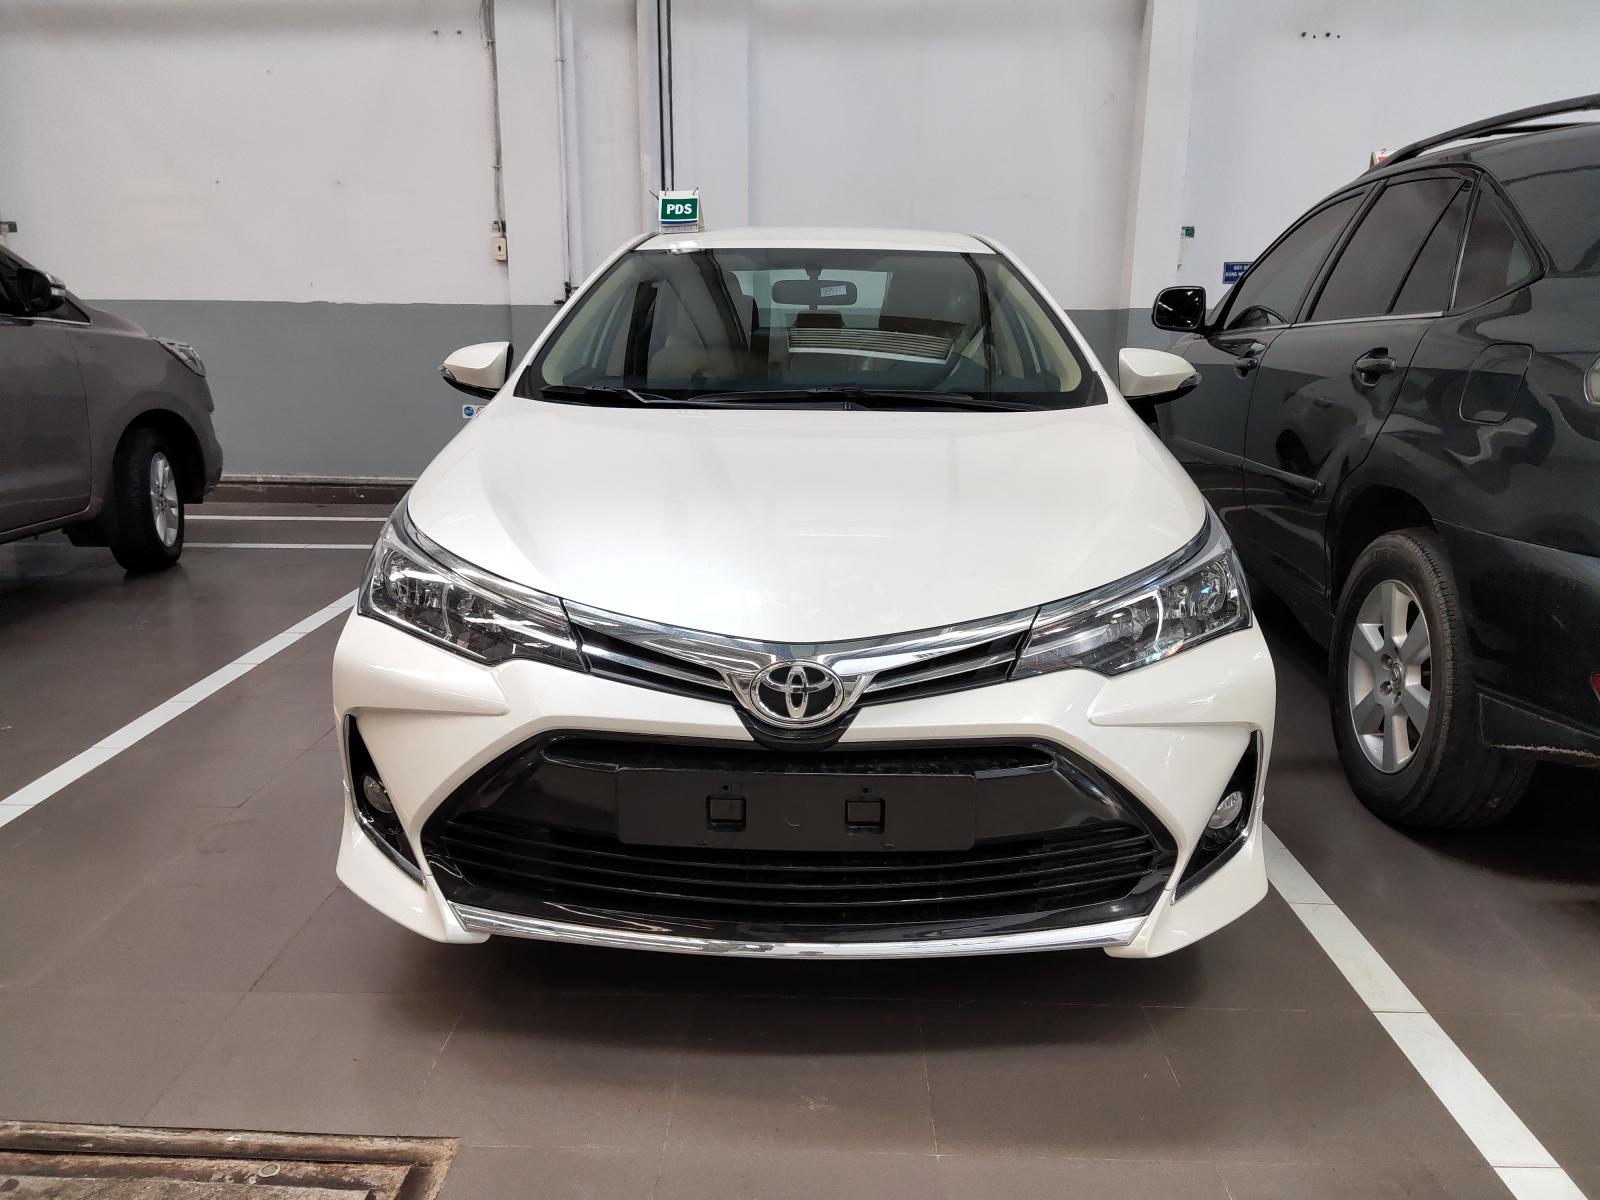 Corolla Altis mới tại Toyota An Sương